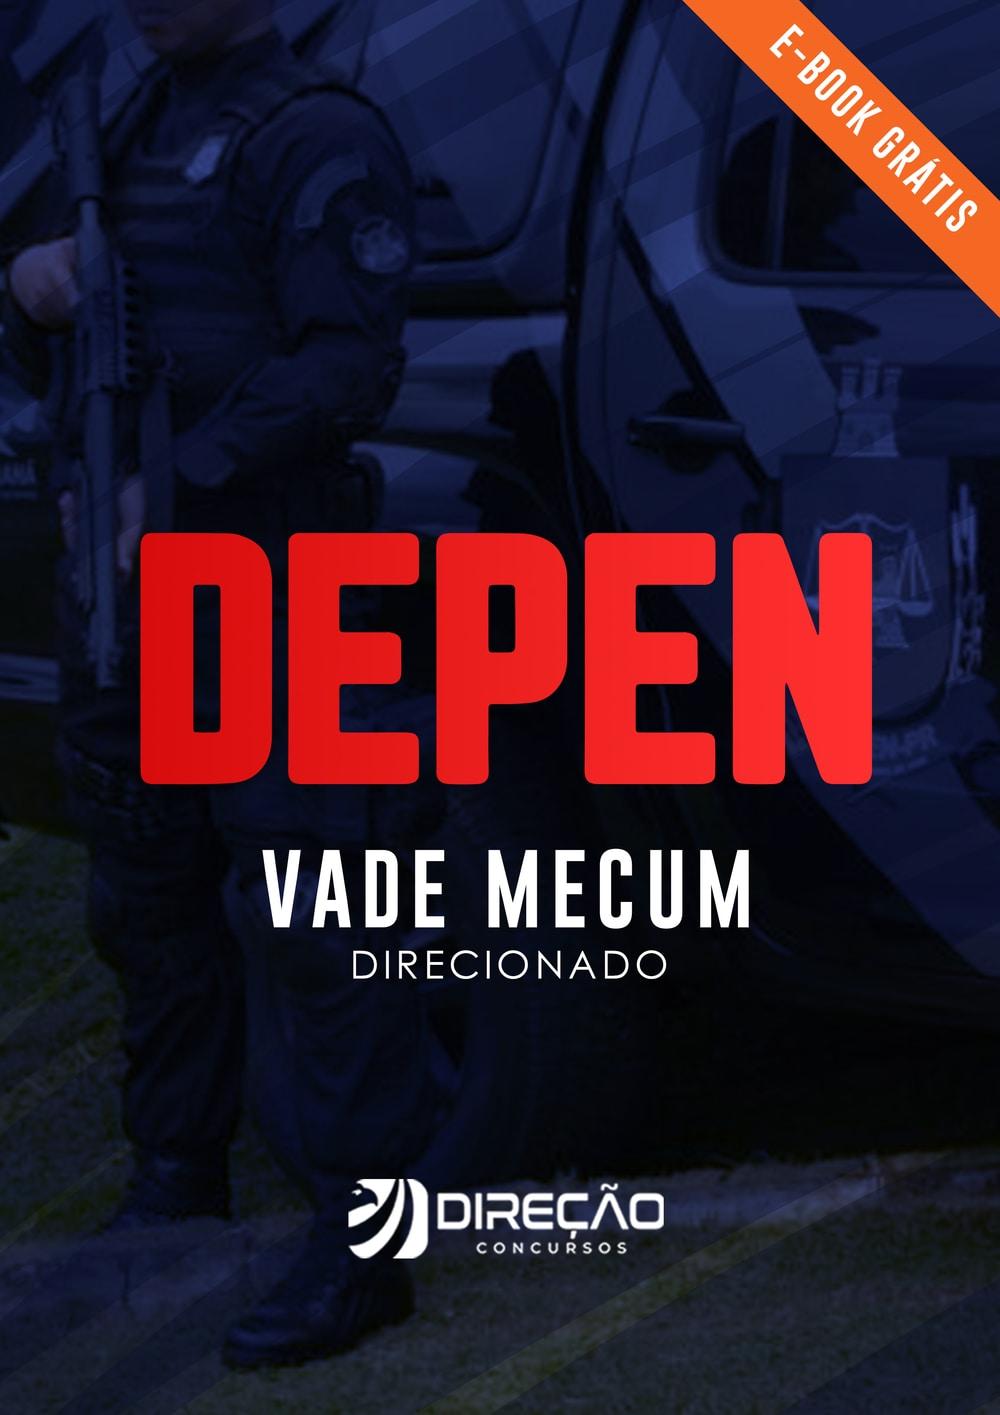 https://www.direcaoconcursos.com.br/gratuito/vade-mecum-depen